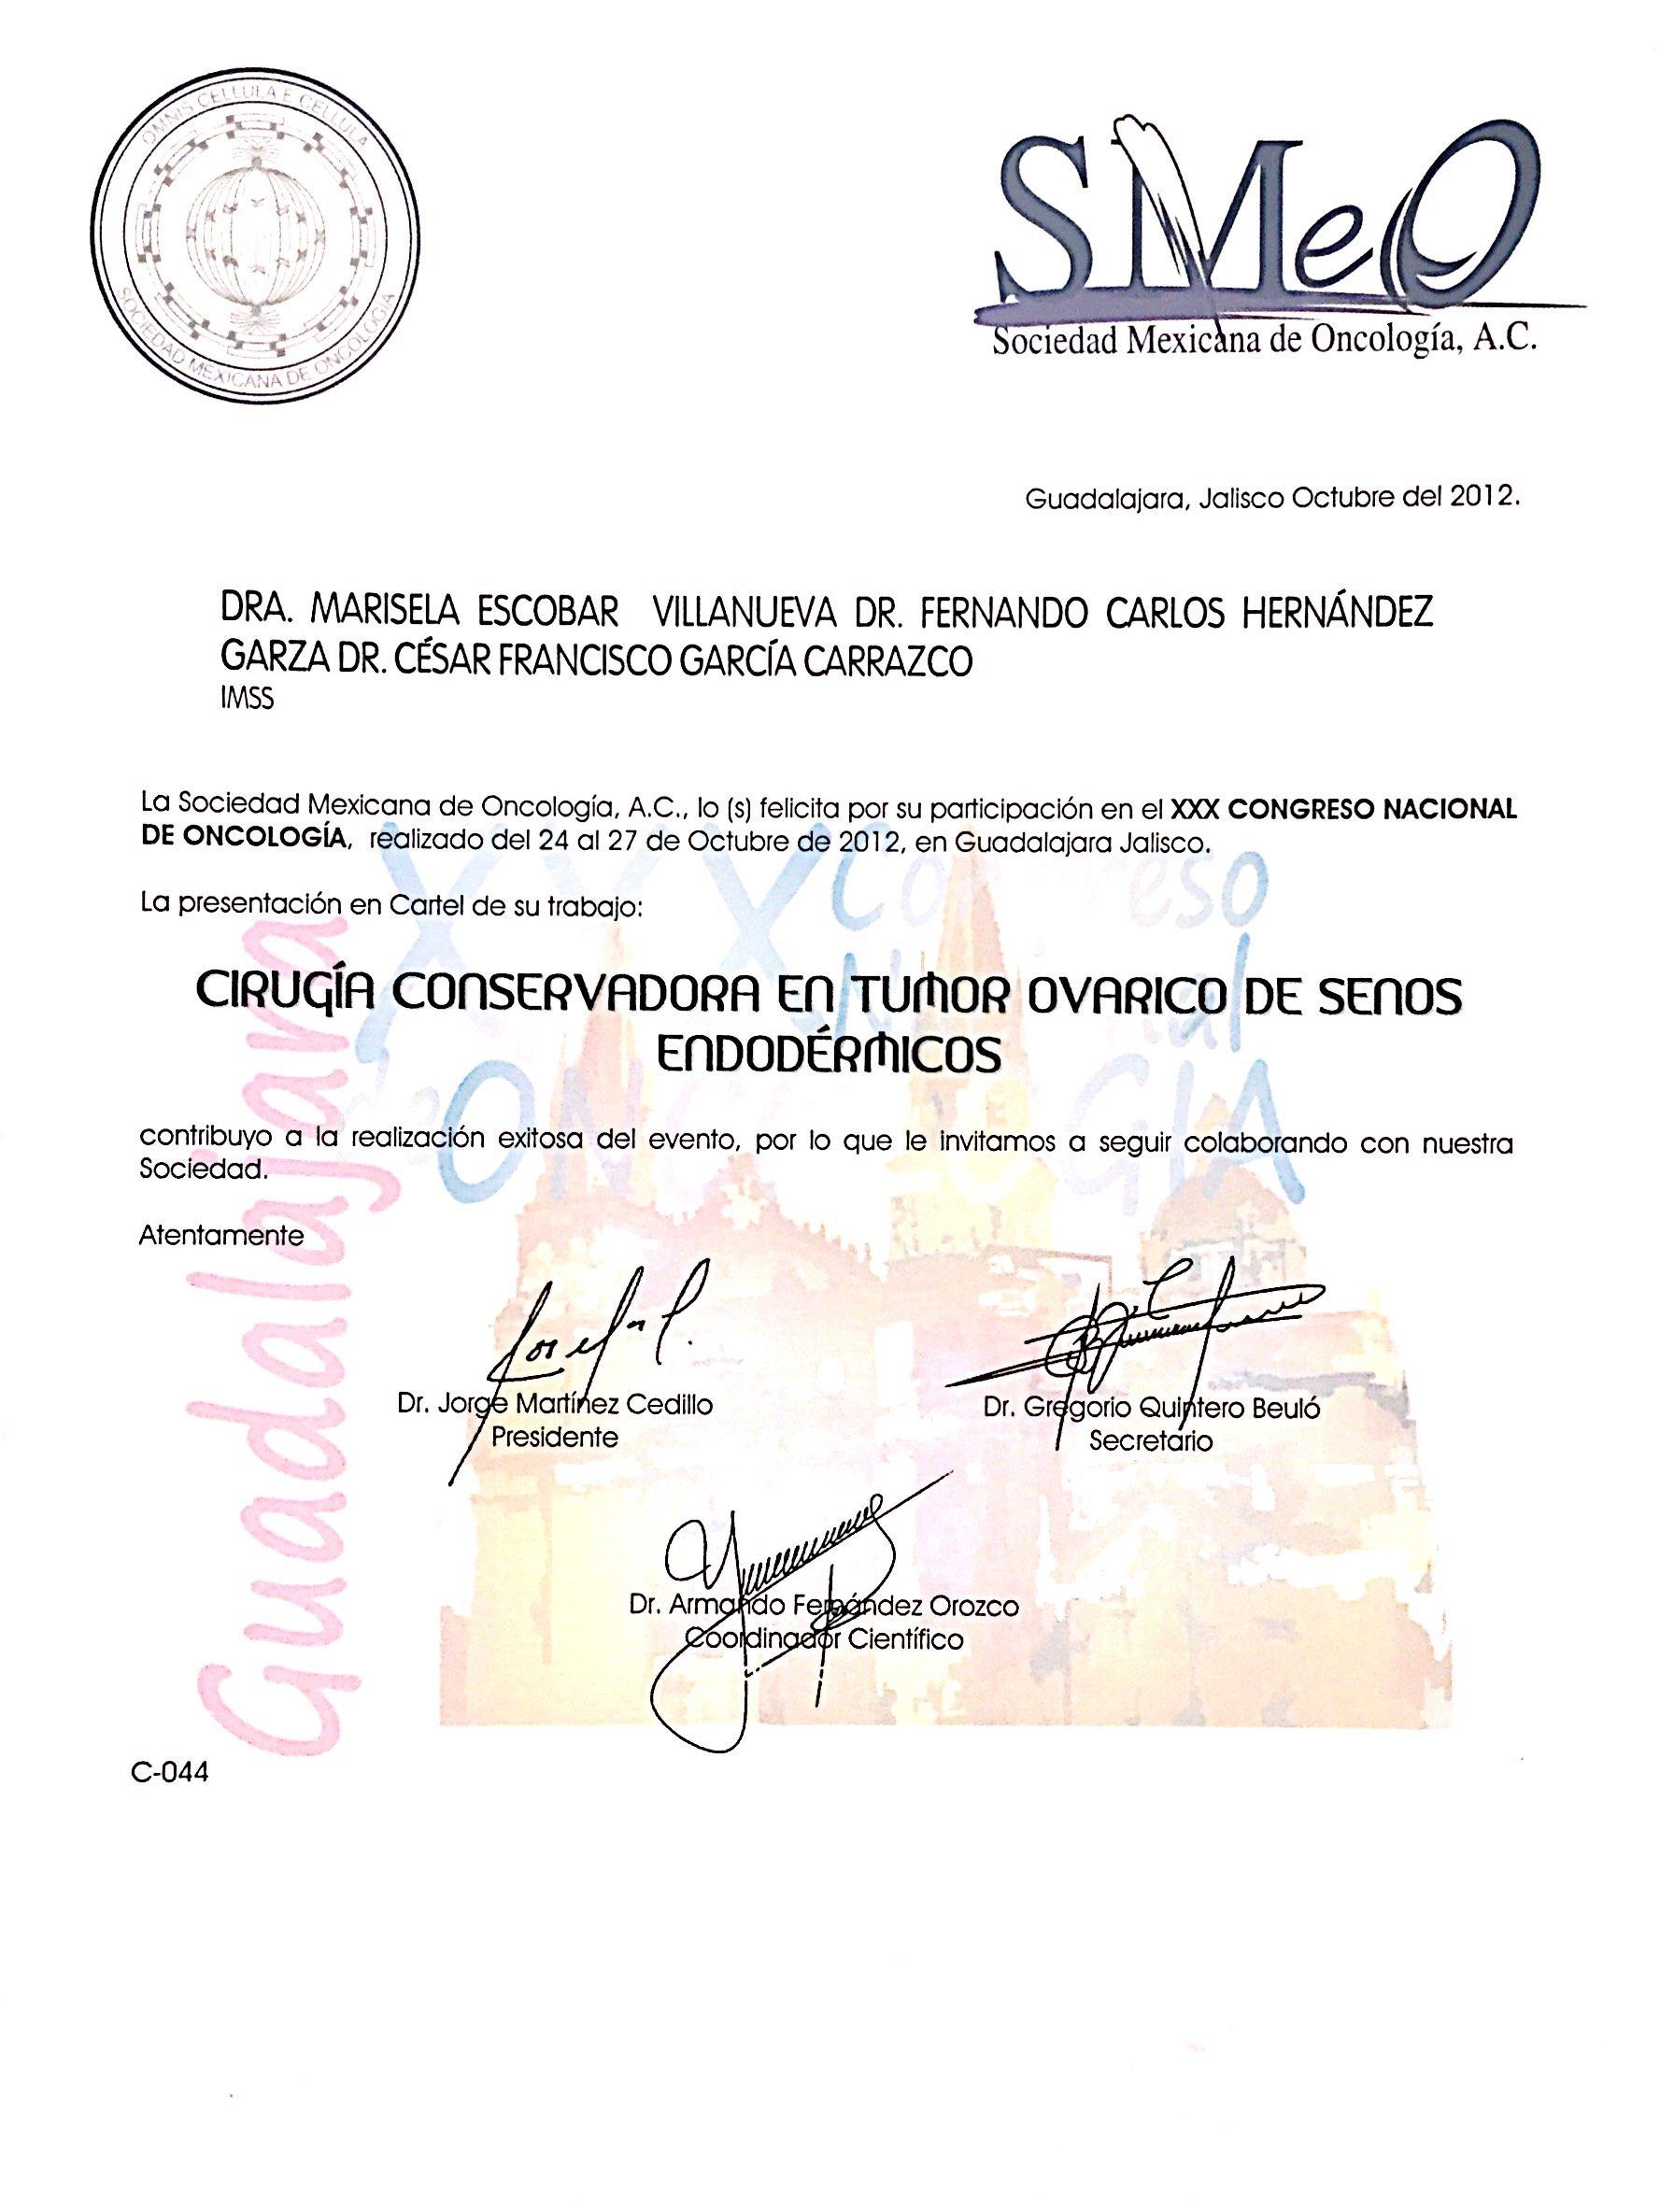 Dr. Garcia Carrazco_5